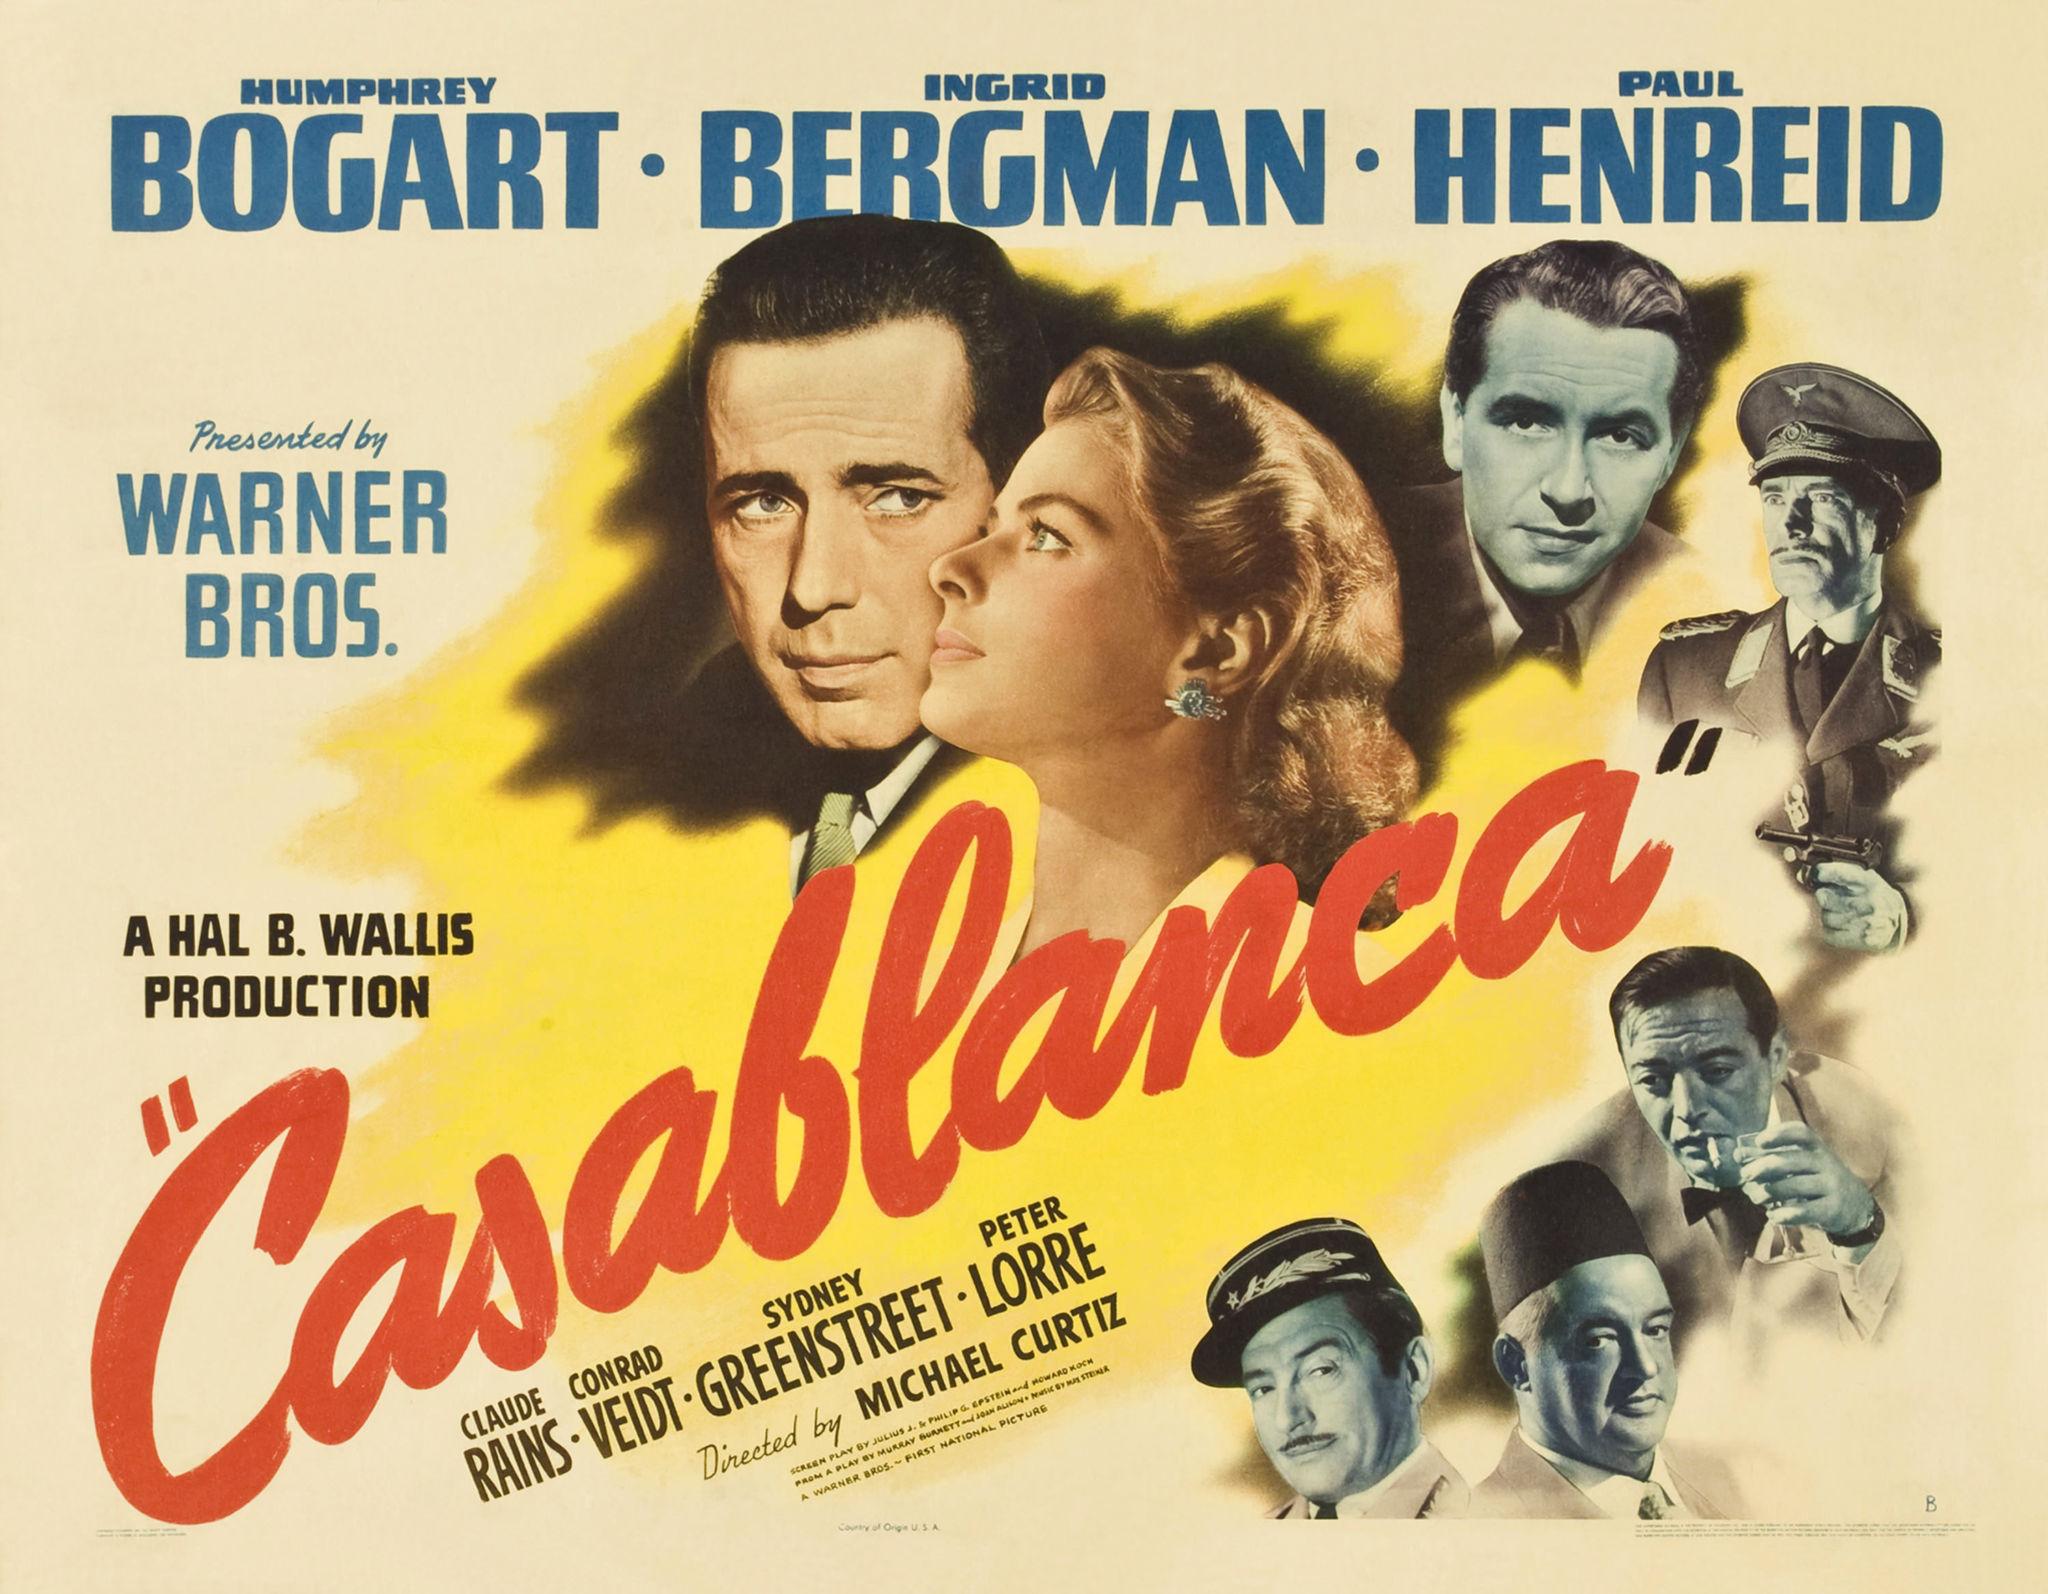 Las ultimas peliculas que has visto - Página 38 Poster-Casablanca_13